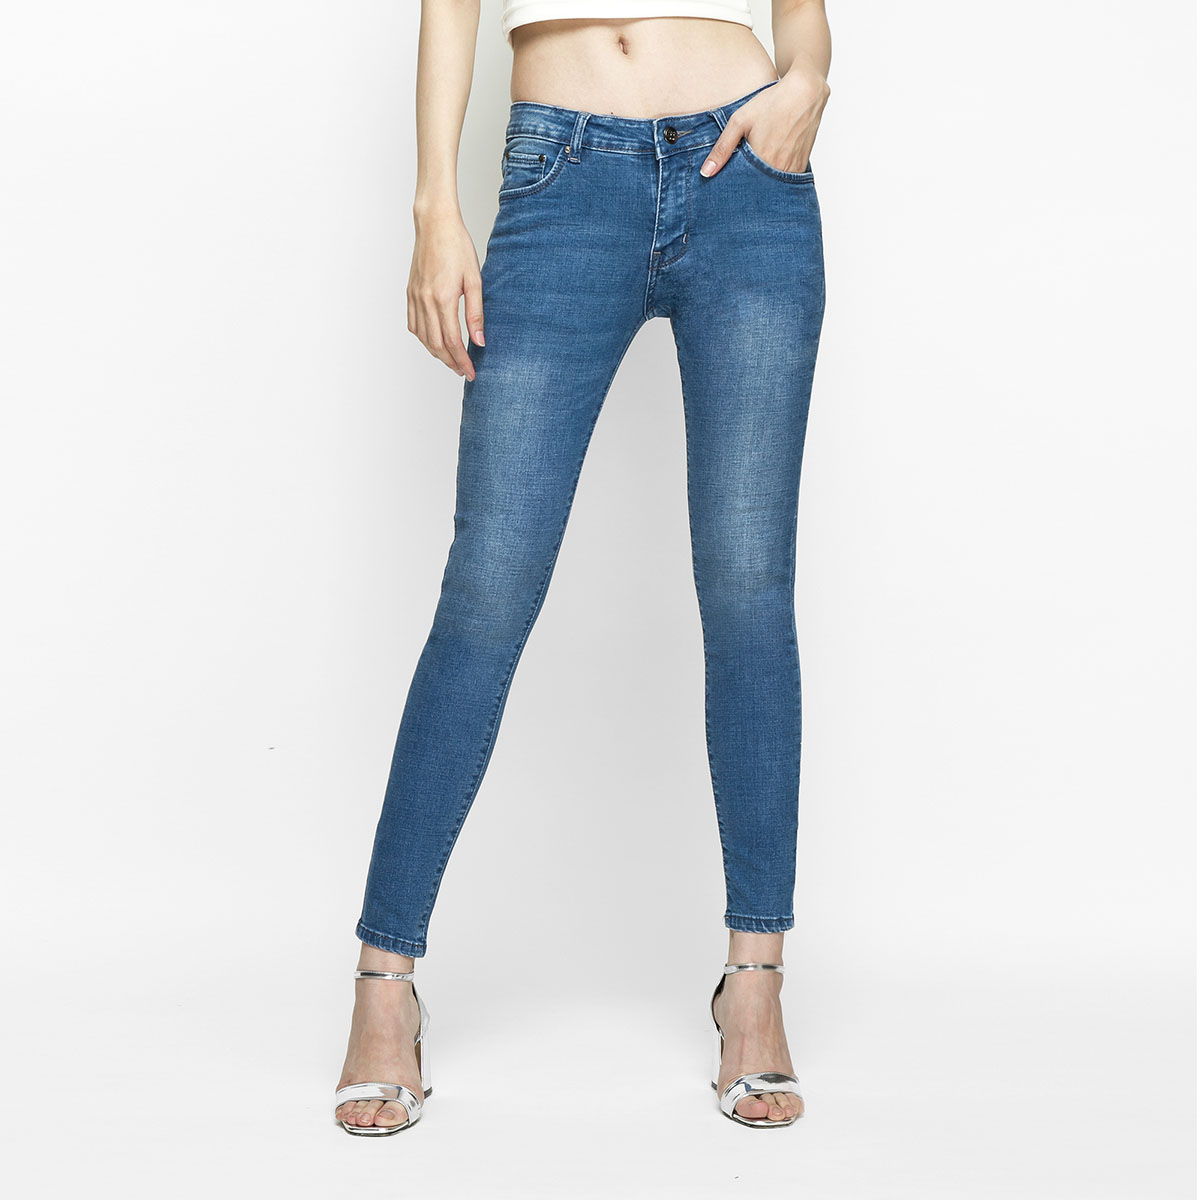 Quần Jean Nữ Skinny Lưng Vừa Aaa Jeans Có Nhiều Màu Size 26 - 32 15